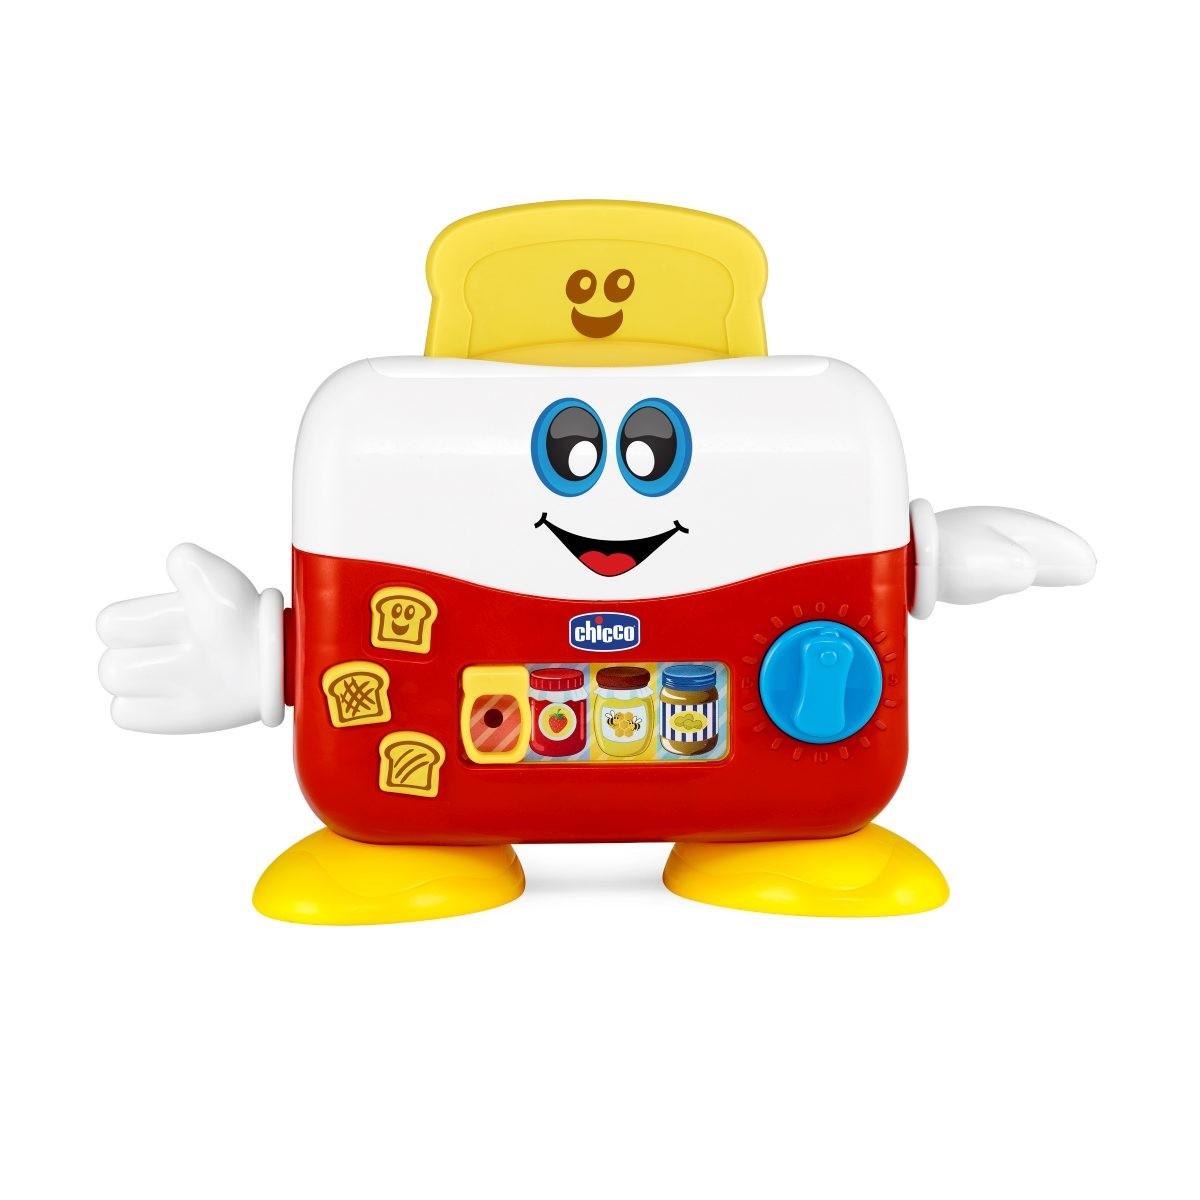 Музыкальная игрушка - Mister ToastАксессуары и техника для детской кухни<br>Музыкальная игрушка - Mister Toast<br>